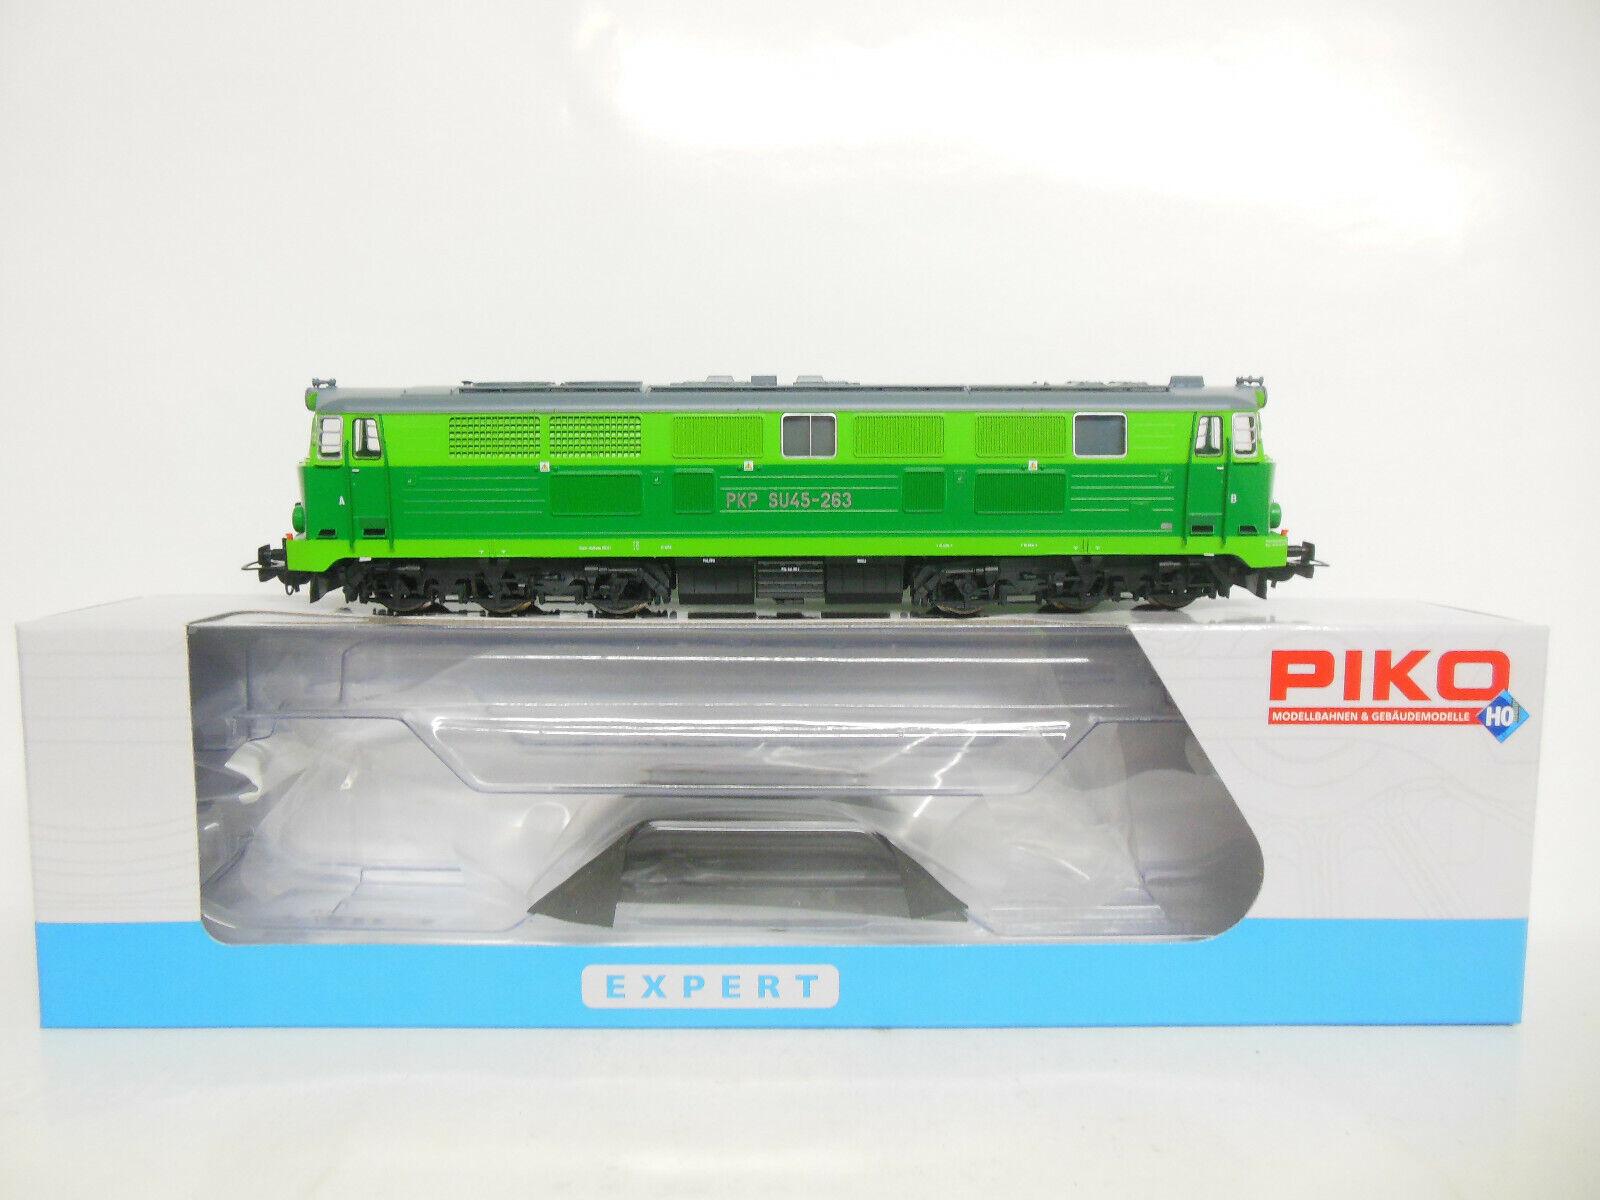 PIKO h0 96304su45263 PKPLok. uniwersalnaDSS plux22    Oggetto da collezione  RAR